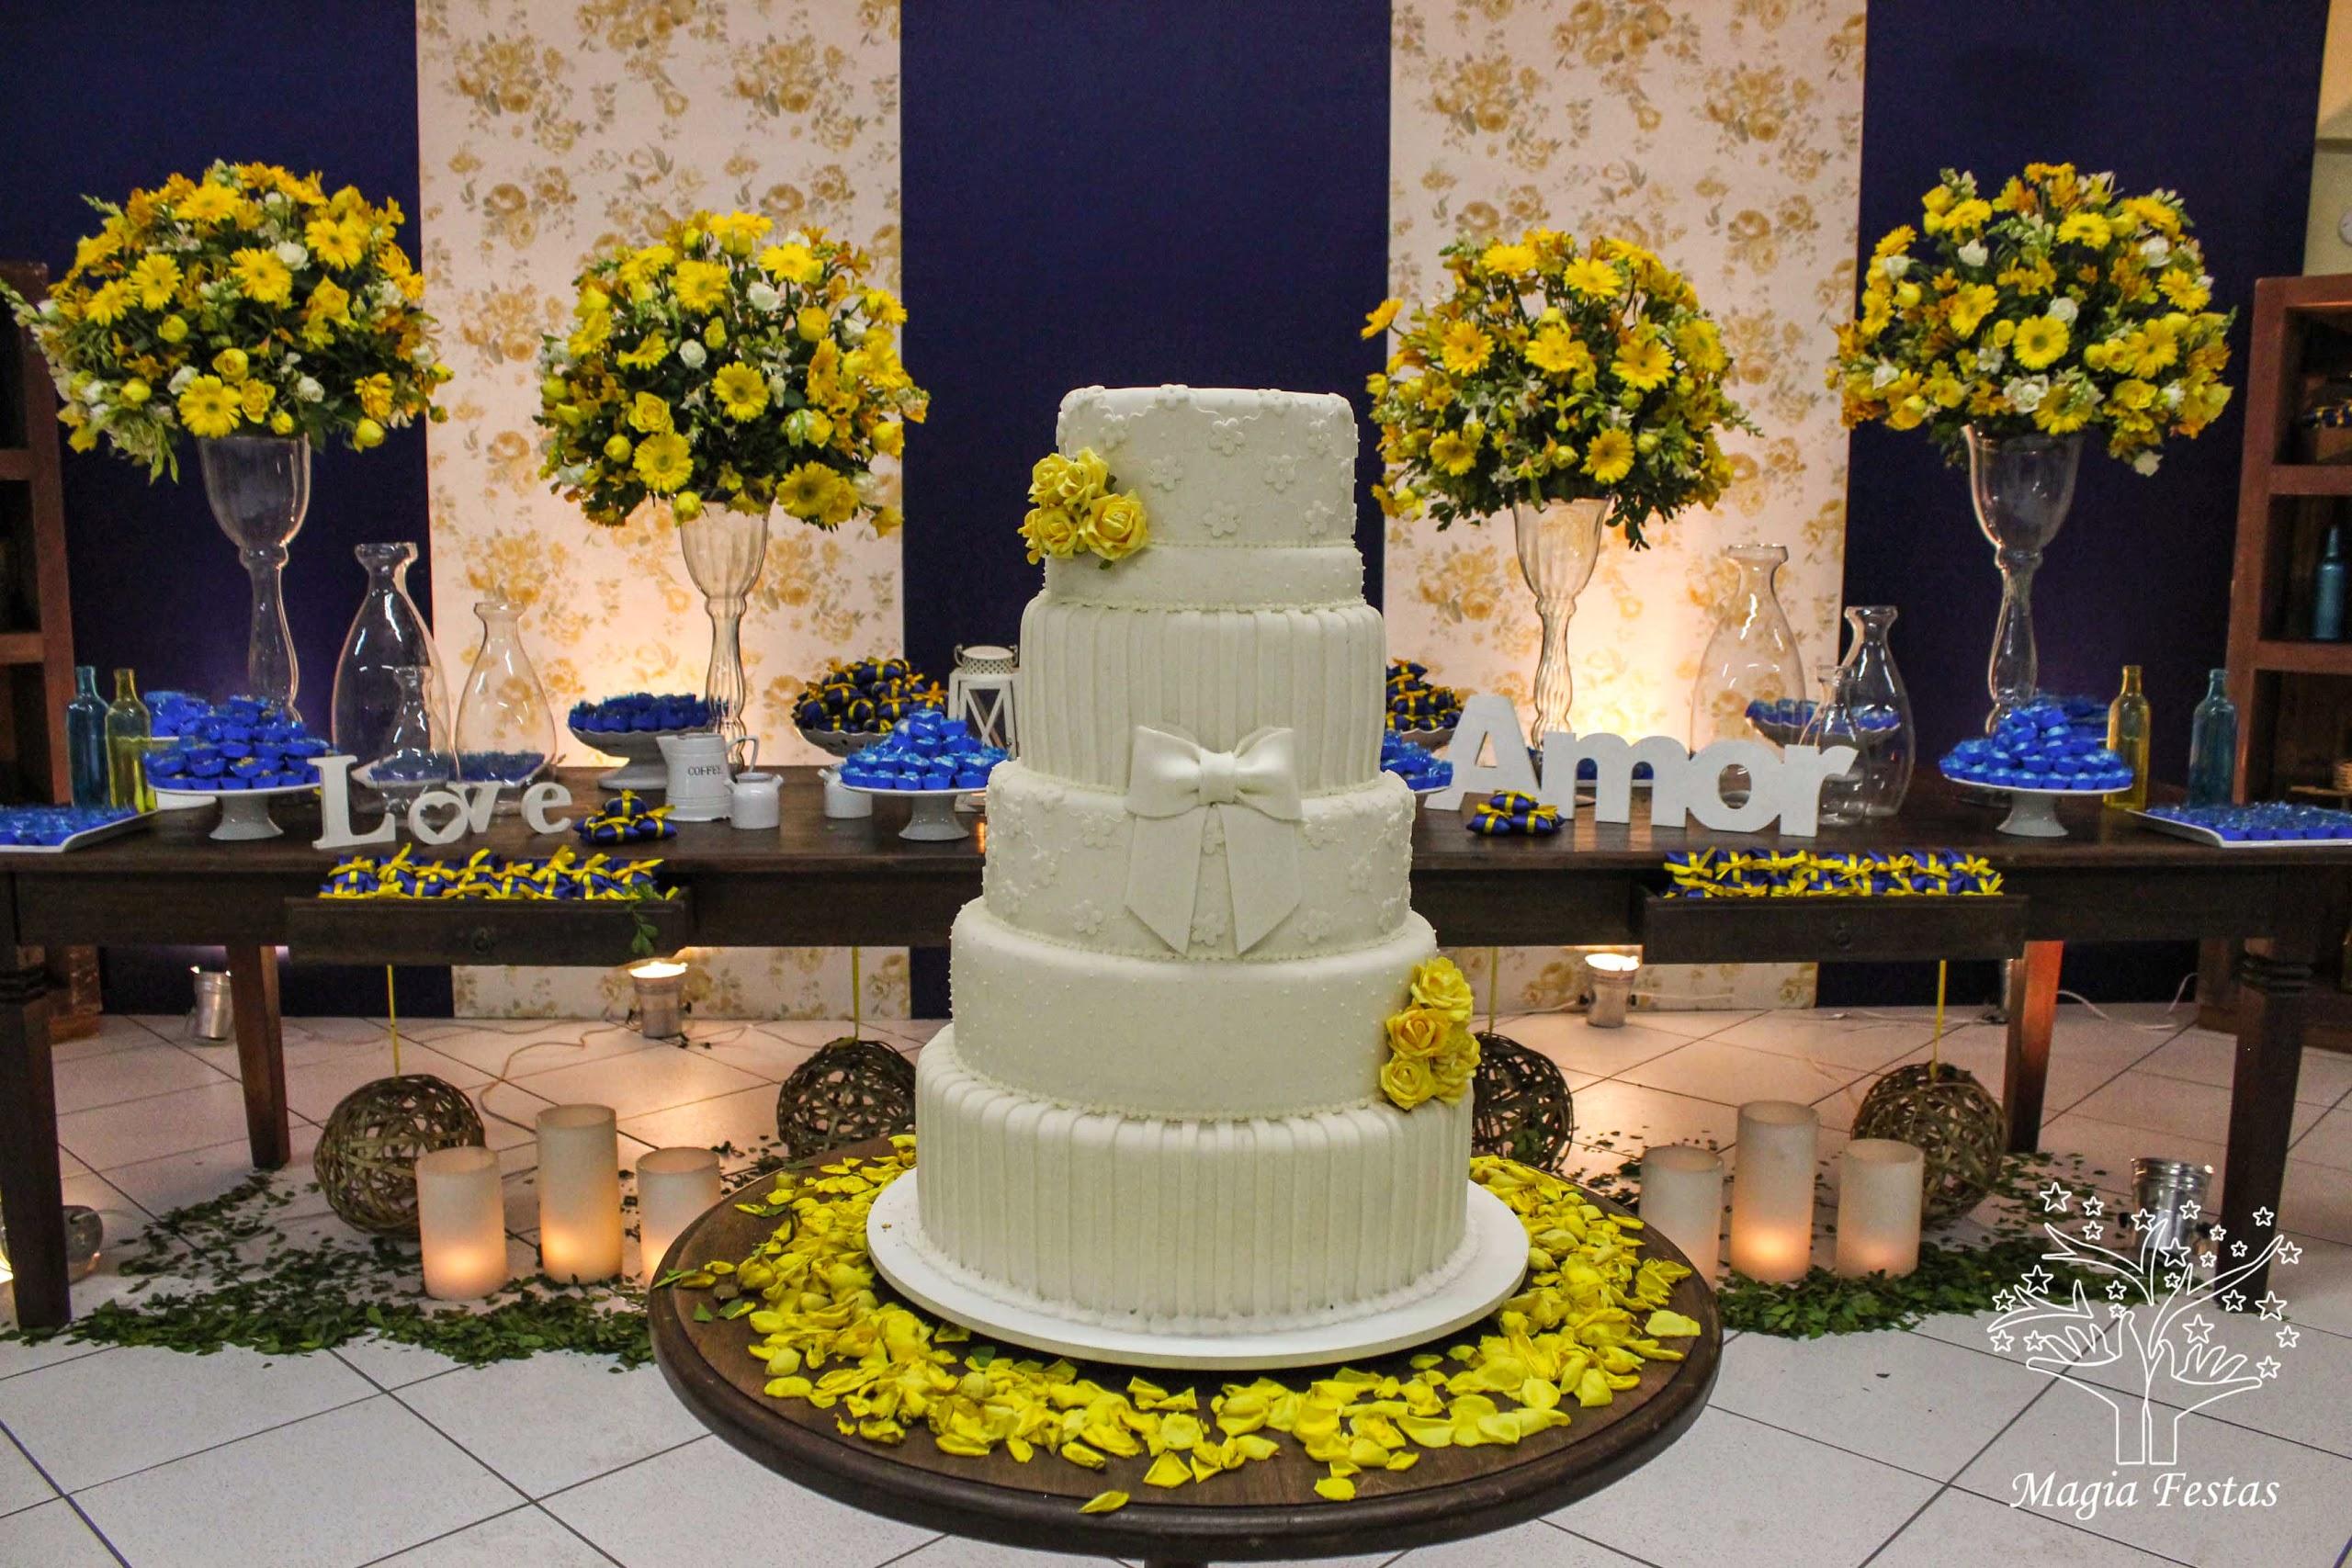 decoracao azul royal e amarelo para casamento : decoracao azul royal e amarelo para casamento:quinta-feira, 29 de maio de 2014